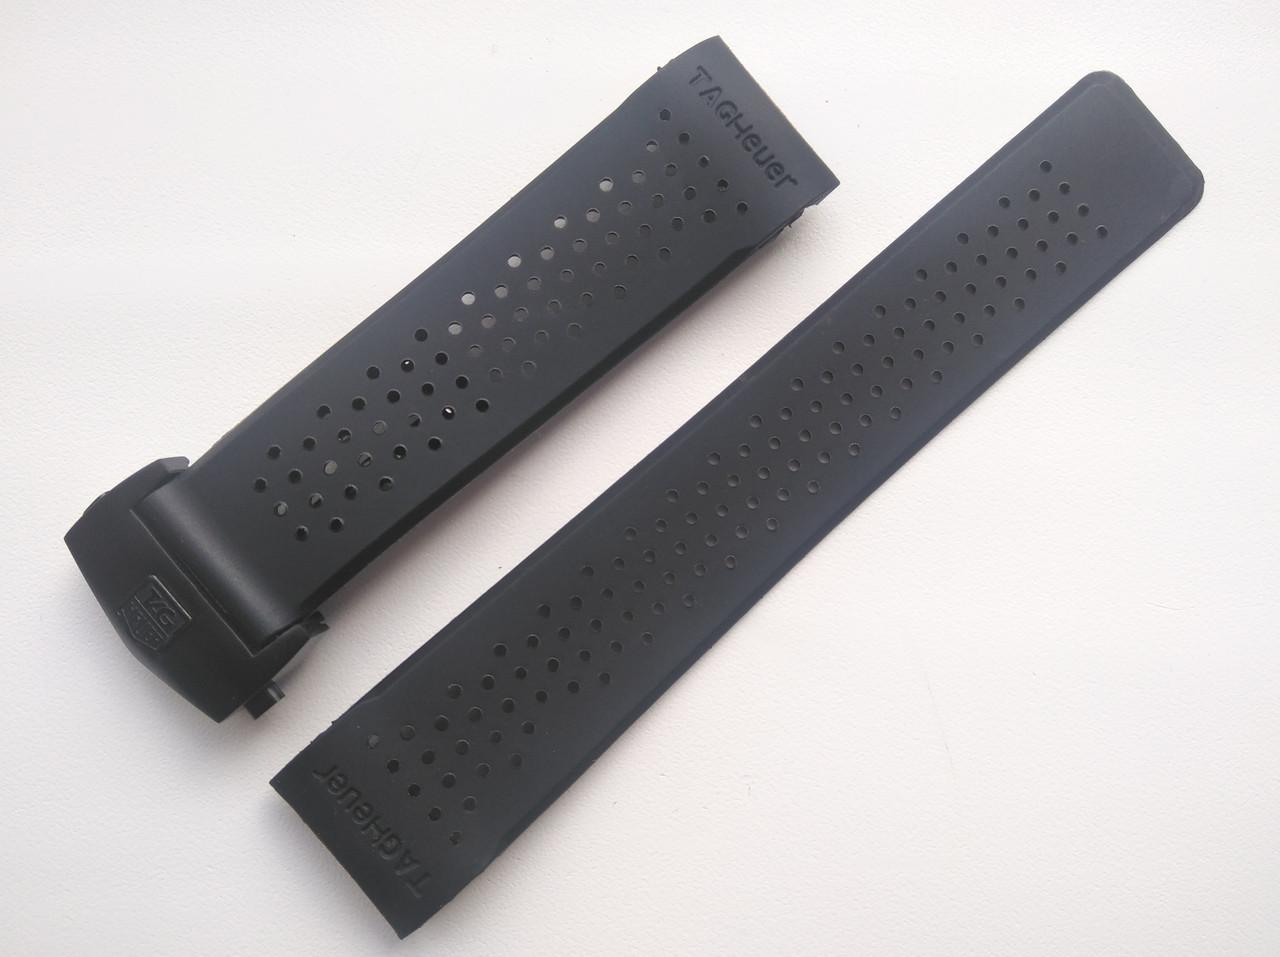 Каучуковый ремешок для часов, заокругленное окончание. TAG Heuer. Черная застежка. 22 мм